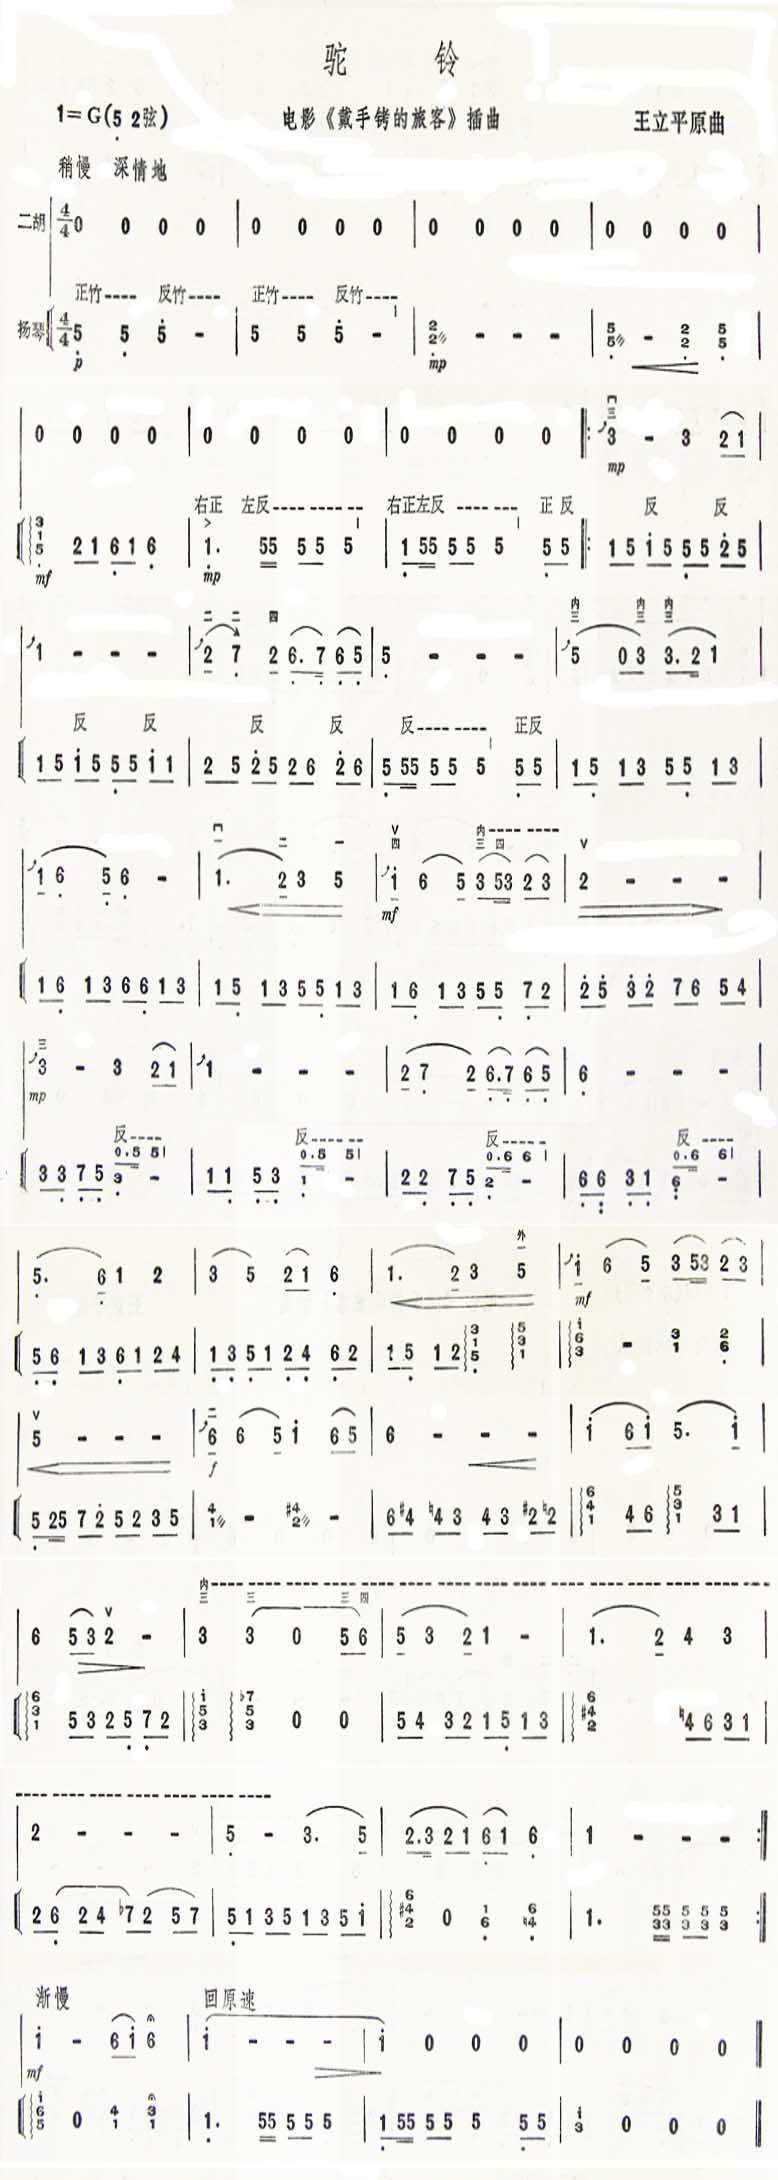 驼铃--电影《戴手铐的旅客》插曲 二胡曲谱图片